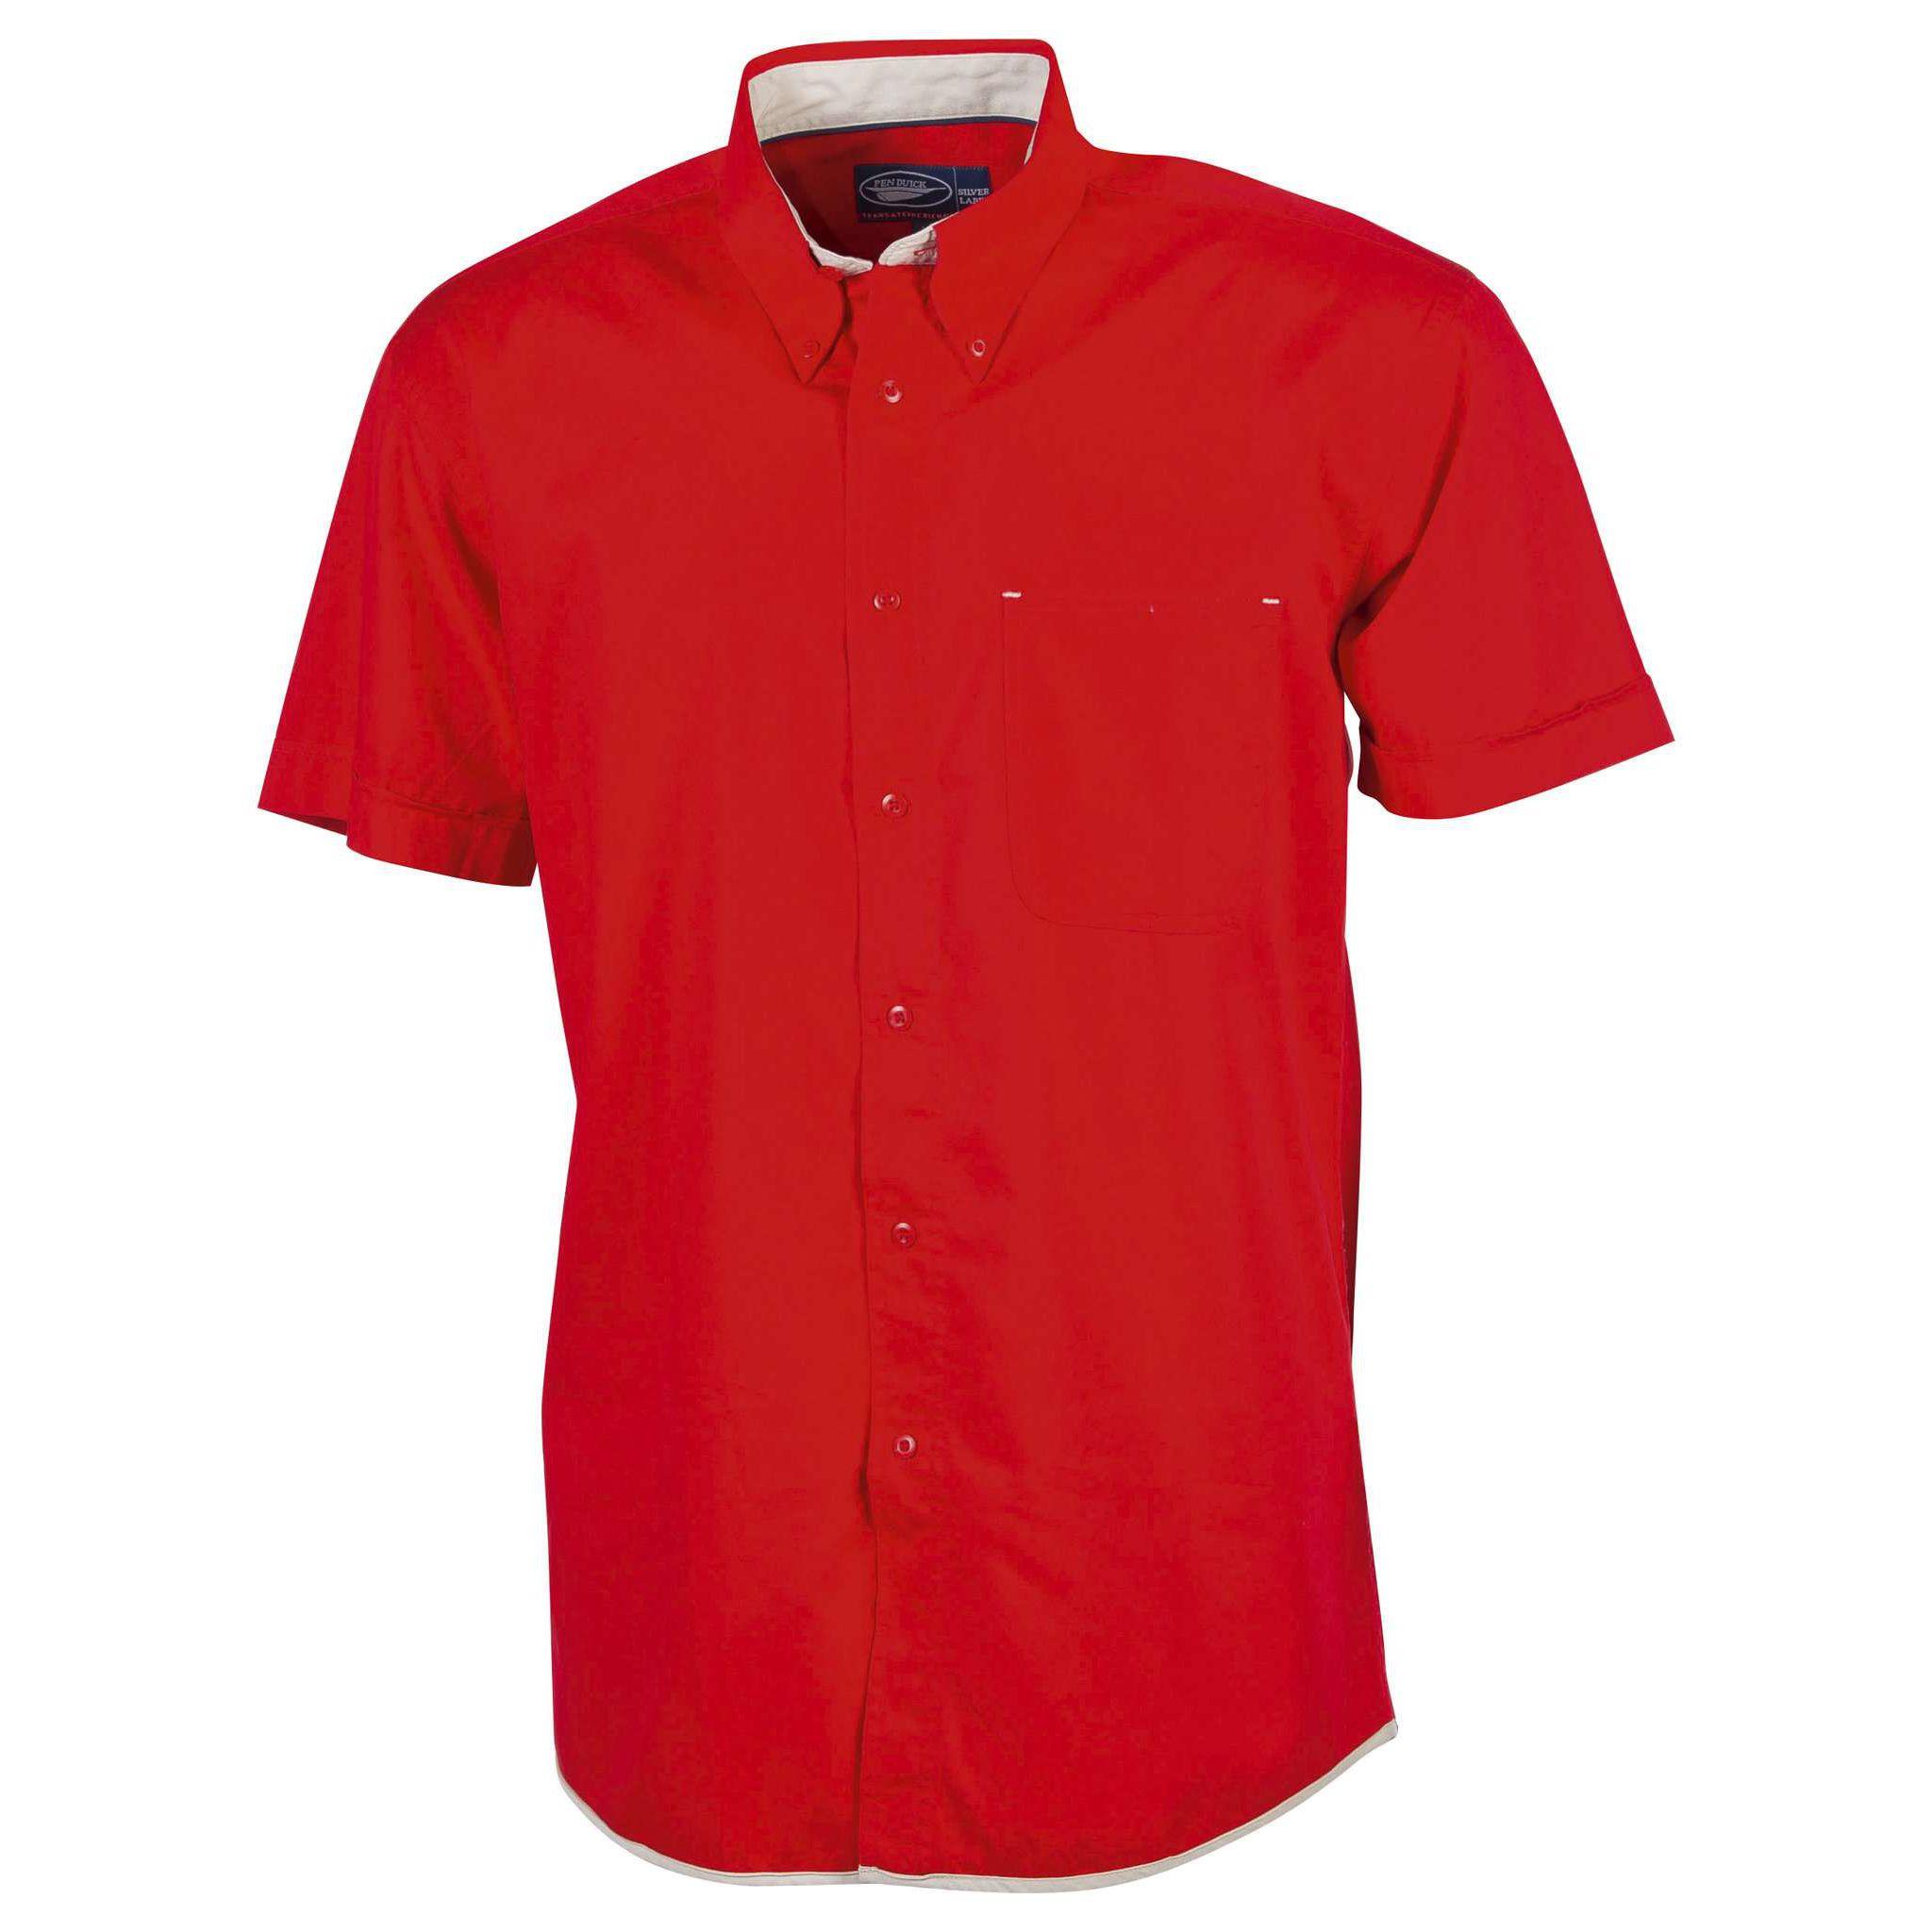 RED-BEIGE